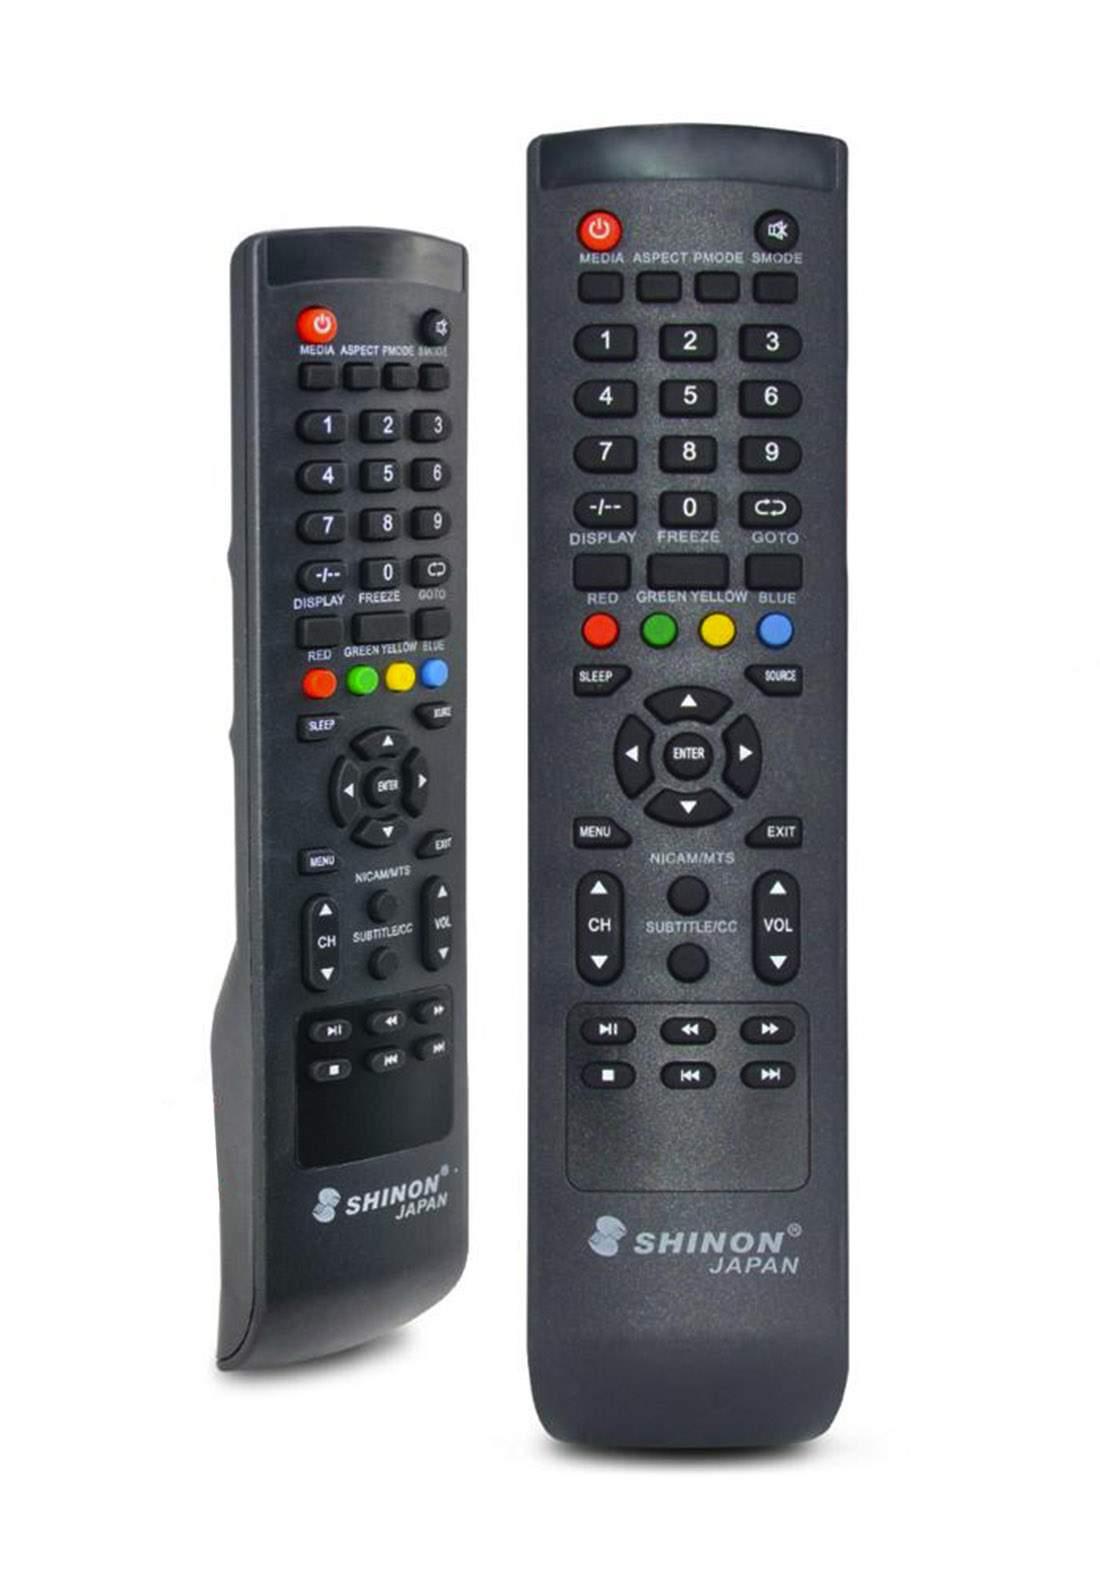 Remote Control For Shinon Plasma TV (A-162) جهاز تحكم عن بعد